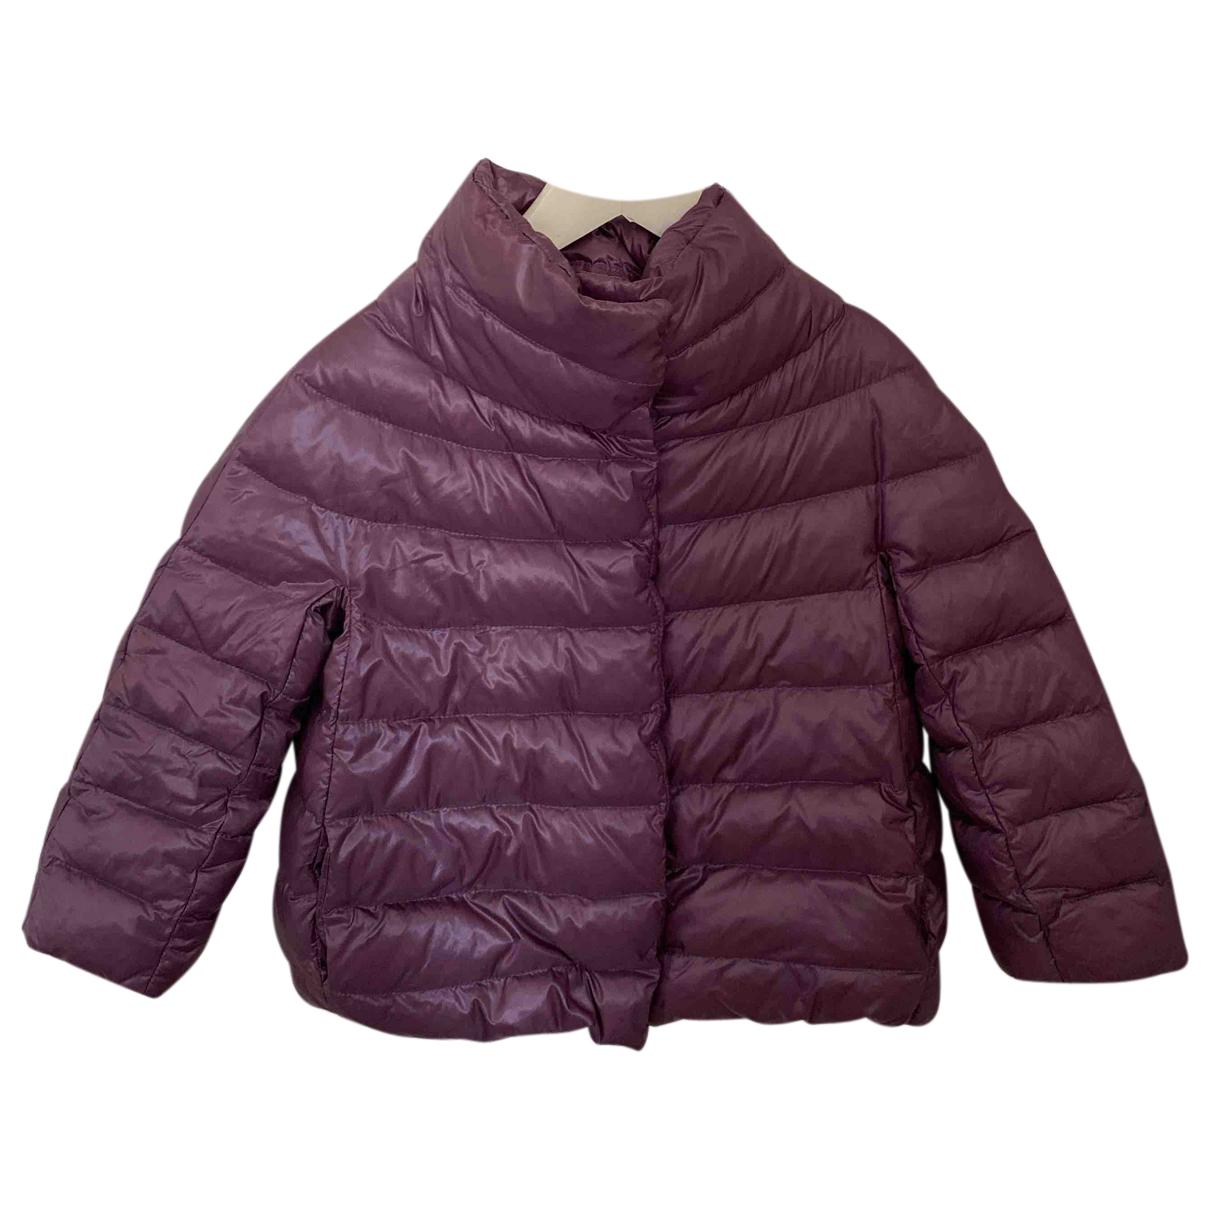 Herno - Blousons.Manteaux   pour enfant - violet